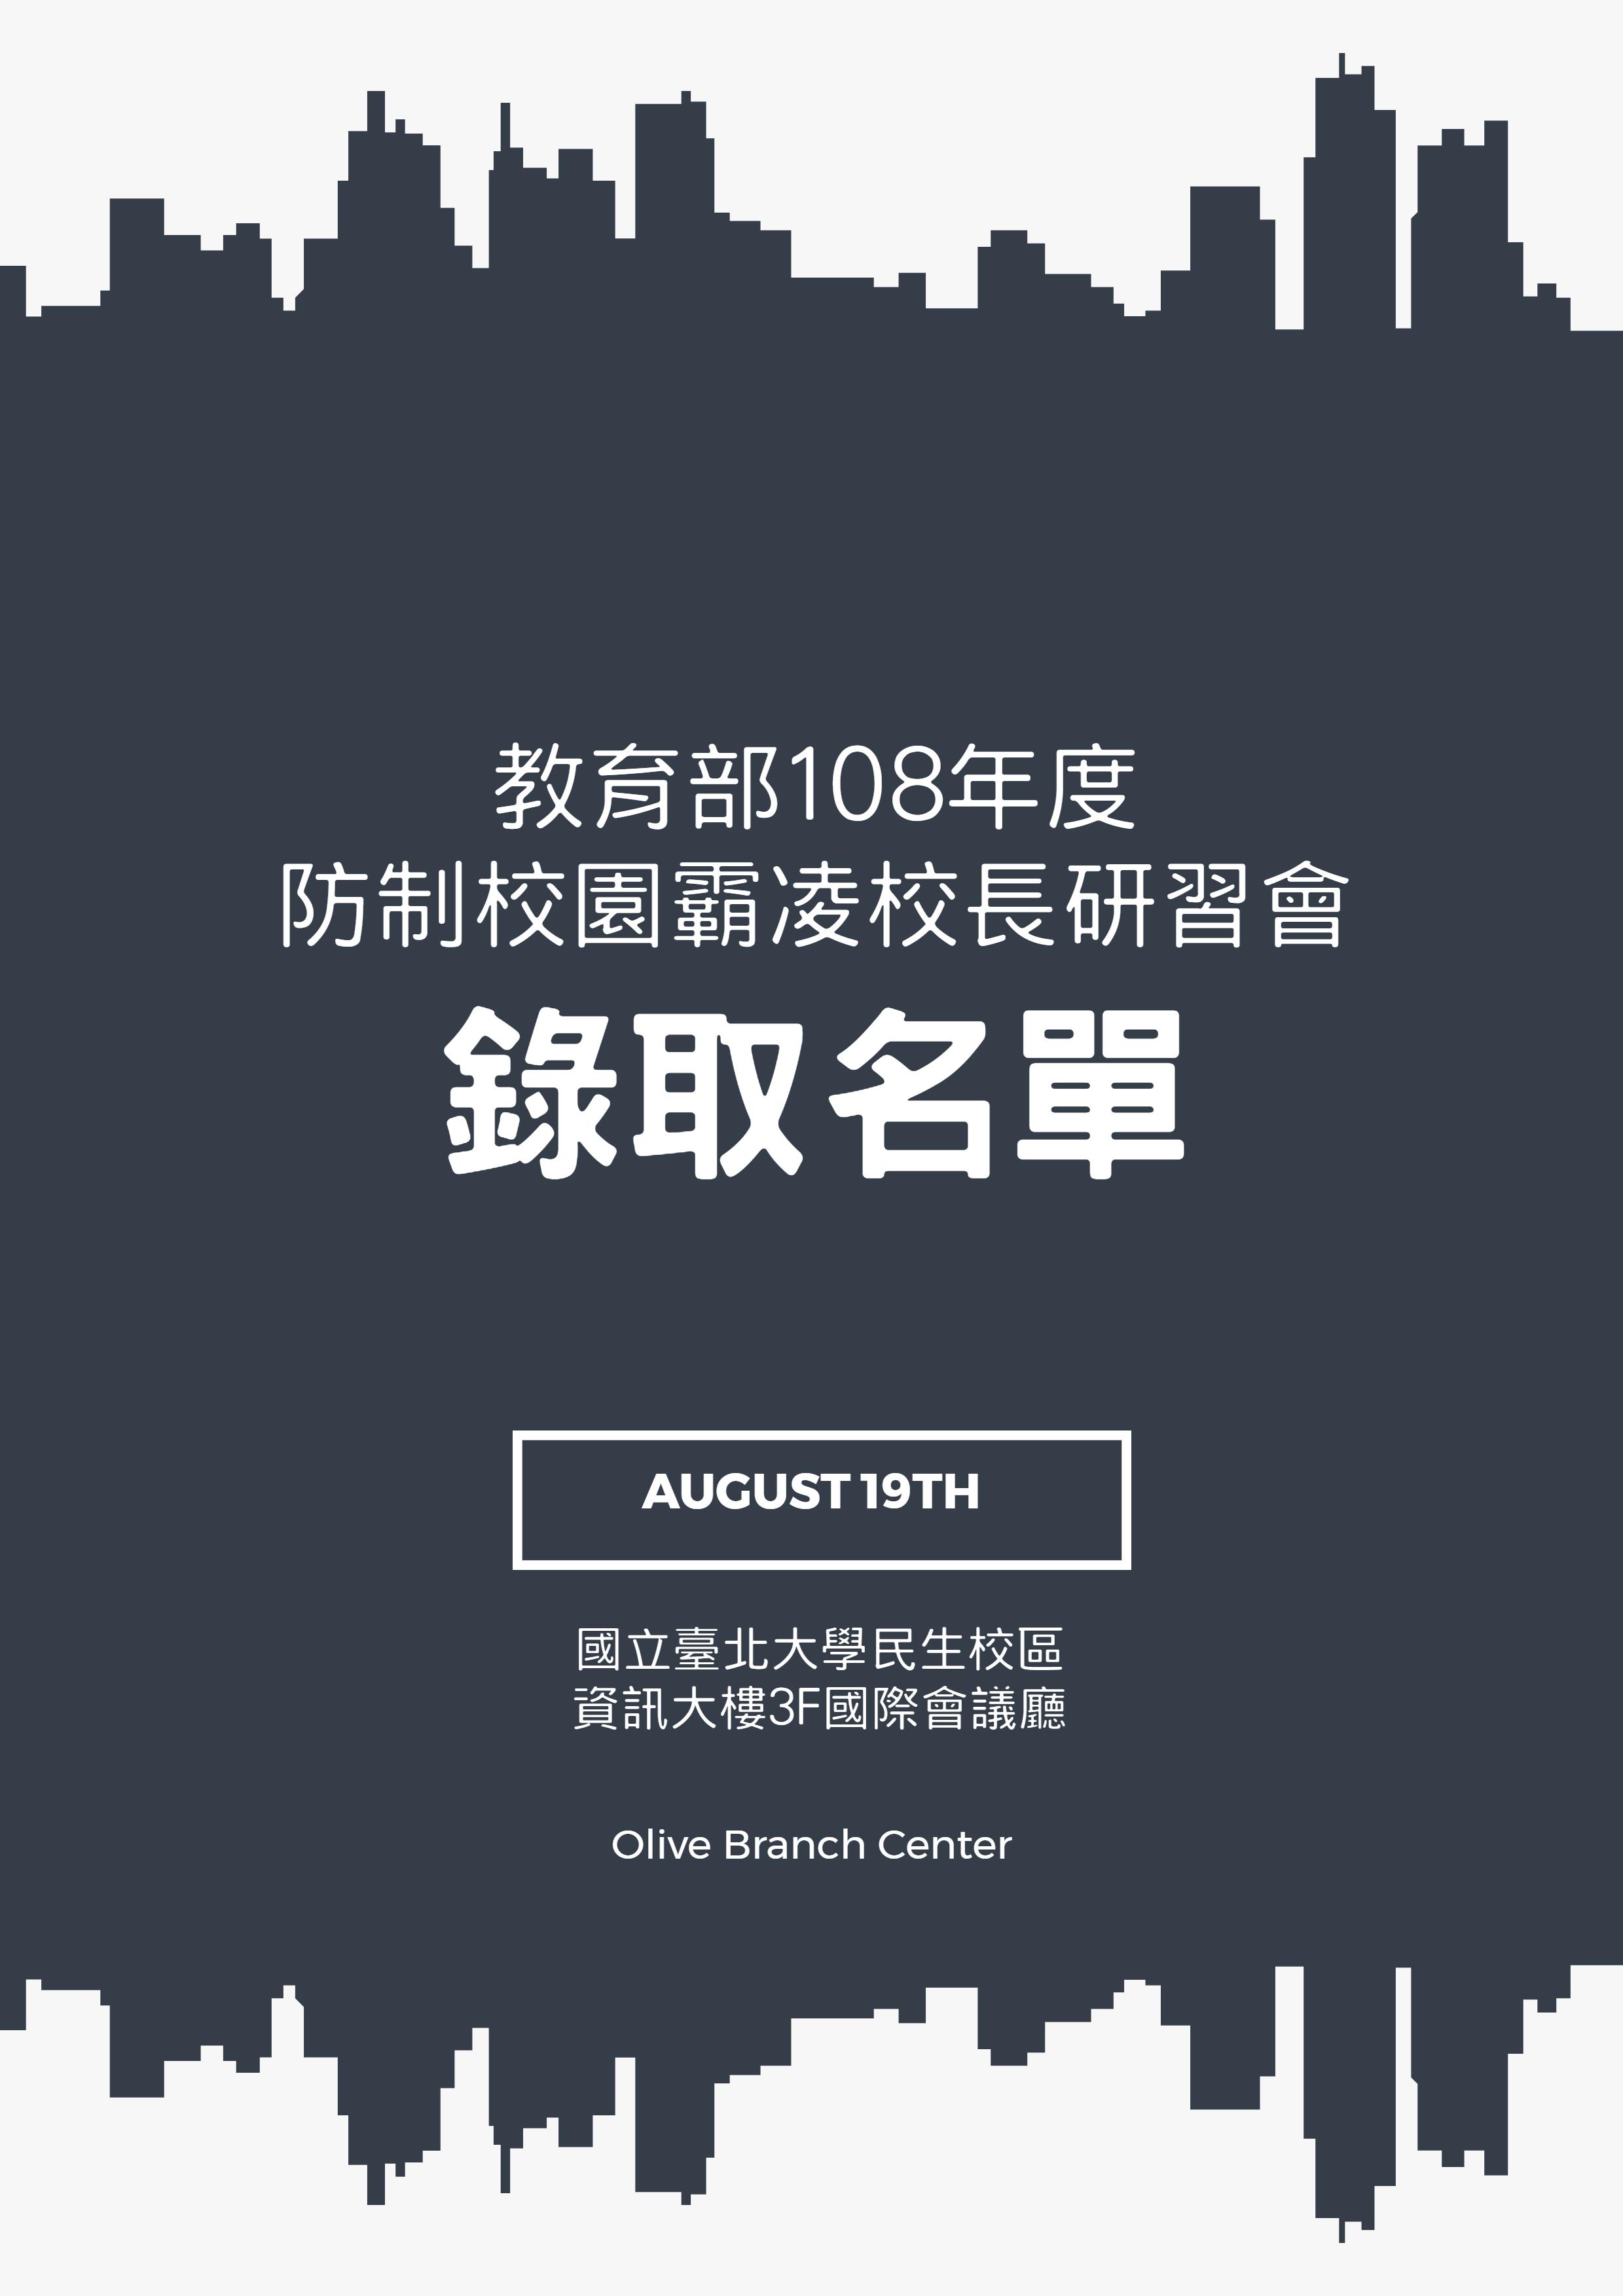 教育部108年度全國防制校園霸凌校長研習會錄取名單(2019.08.13更新)